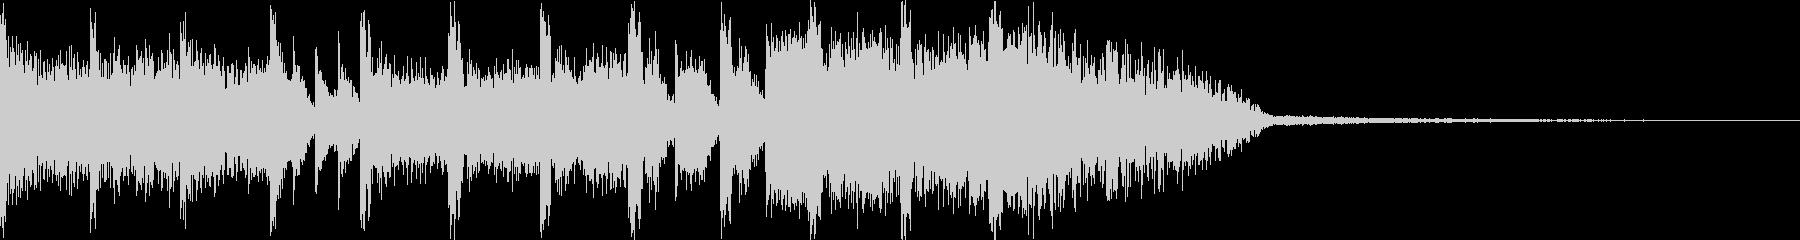 EDMジングル サウンドステッカーですの未再生の波形